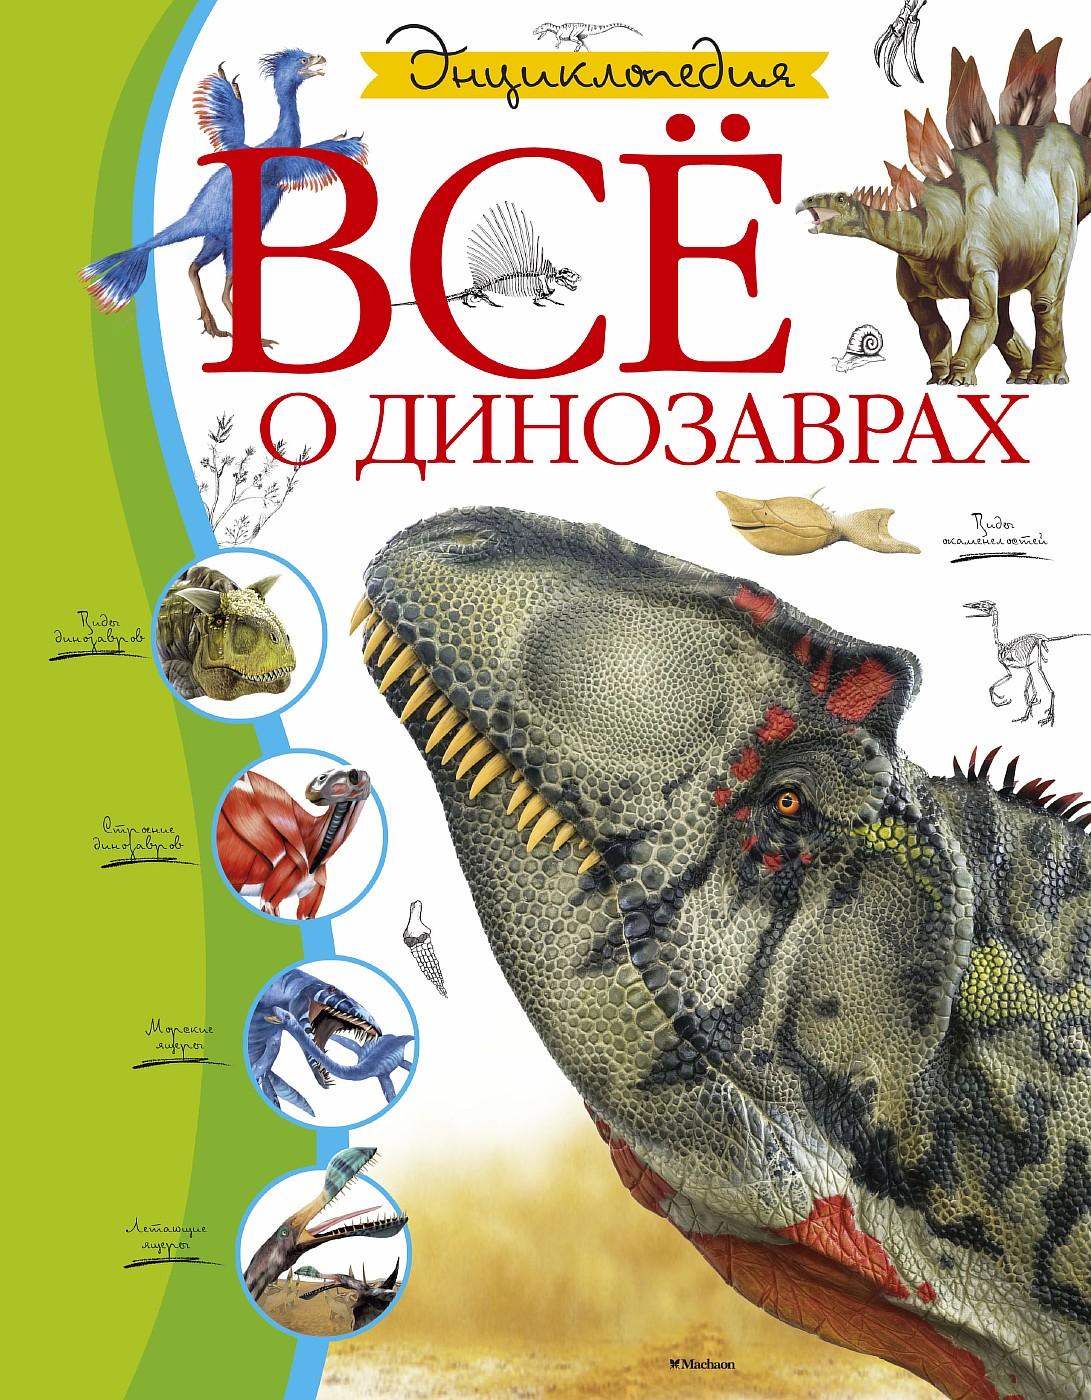 Всё о динозаврах12296407? Самые новые сведения о динозаврах и их современниках, плезиозаврах и птерозаврах. ? Подробные рассказы о том, как динозавры добывали себе еду, охотились и защищались от врагов, общались друг с другом и заботились о потомстве. ? Споры ученых о происхождении птиц и гипотезы о причинах вымирания динозавров. ? История развития жизни на Земле. ? Красочные иллюстрации, разнообразные схемы и яркие описания помогут совершить путешествие во времени и побывать в мире динозавров!